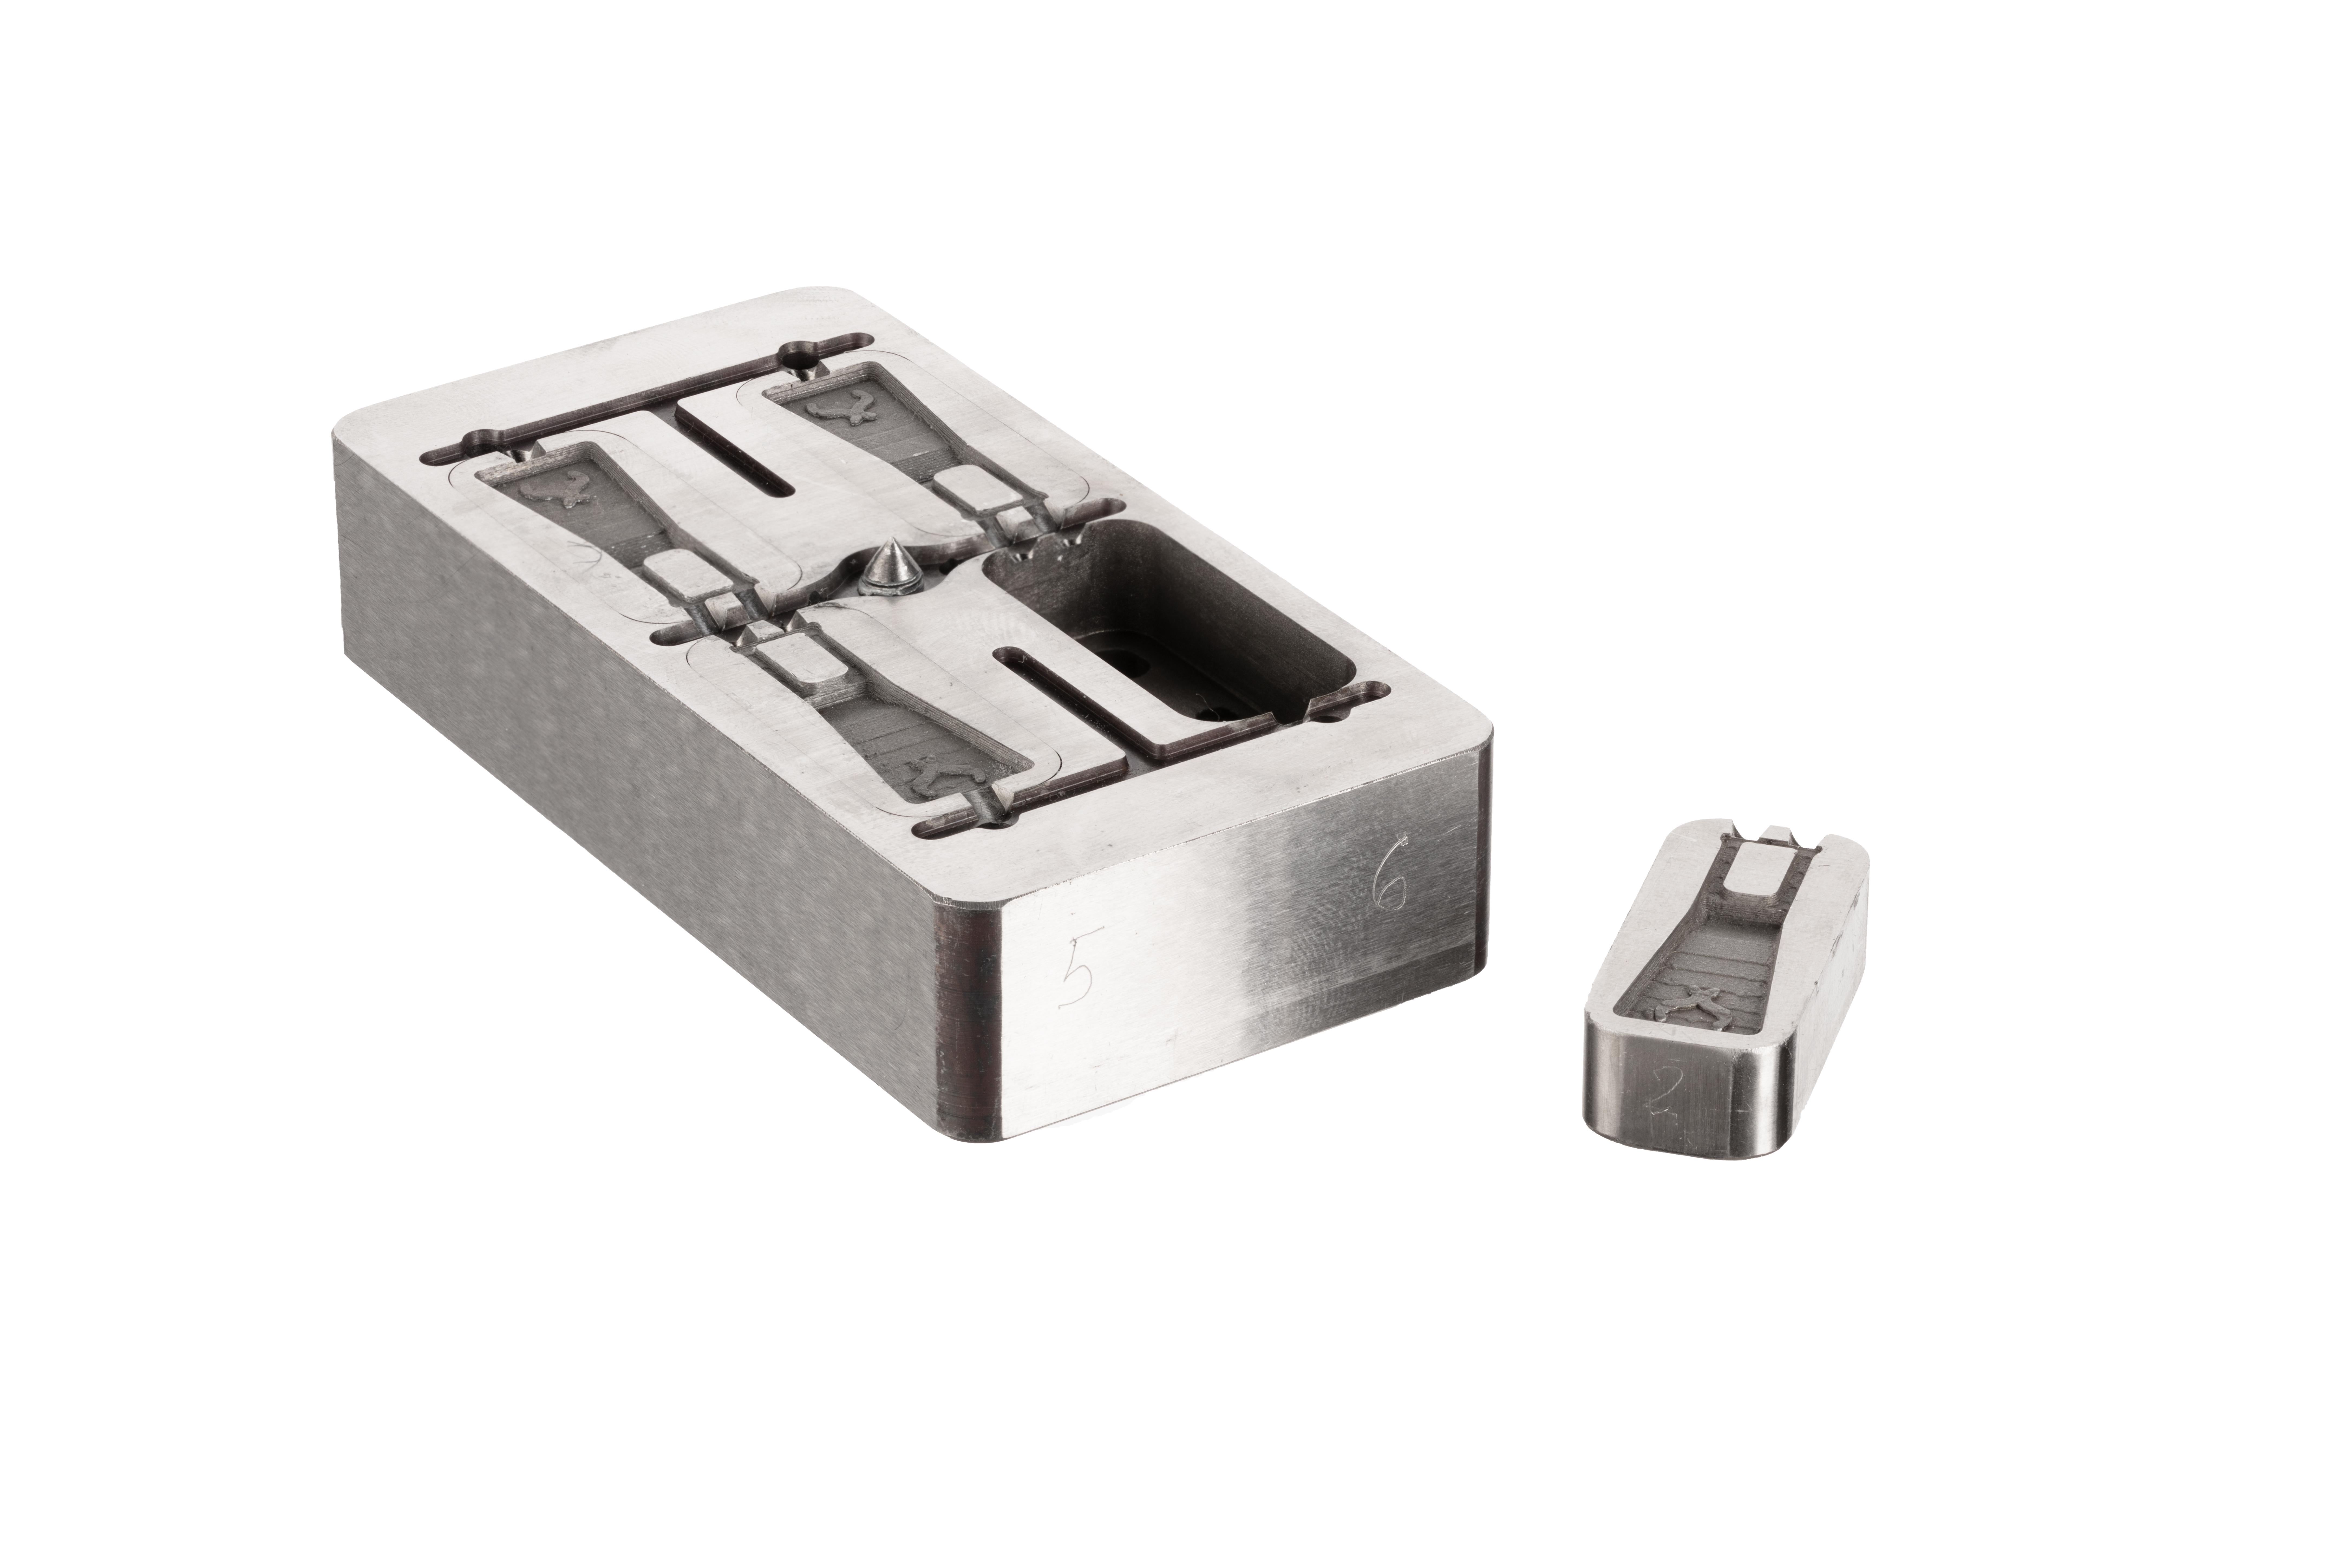 Stampo per cerniere con metalli per la stampa 3D H13